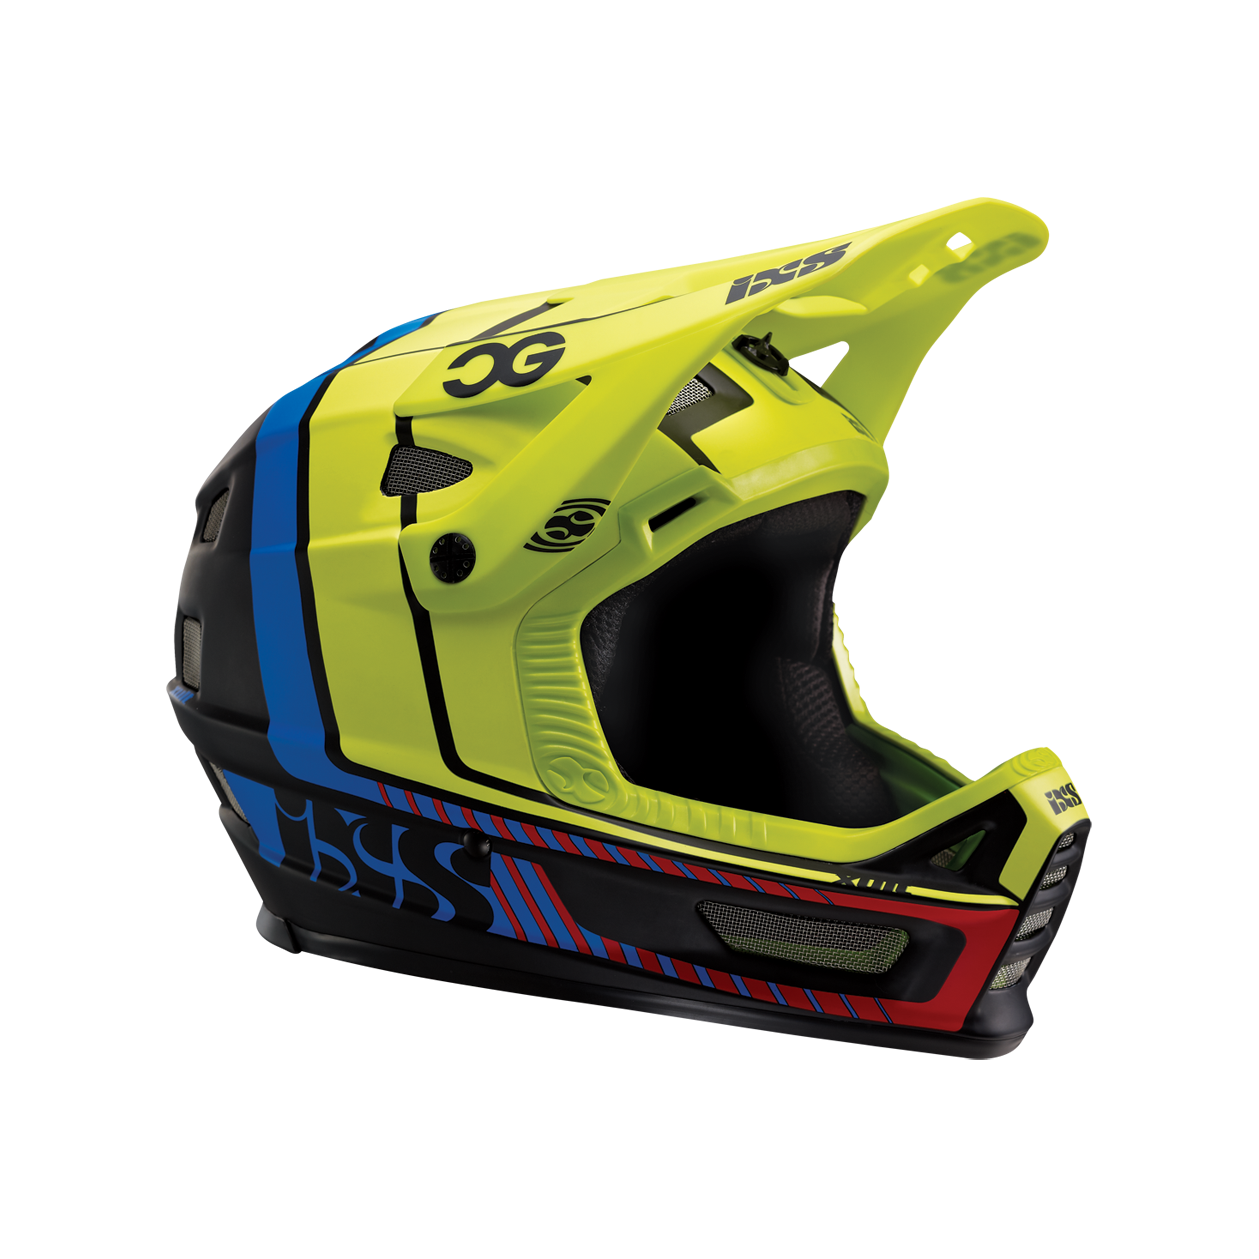 iXS Xult full face helmet